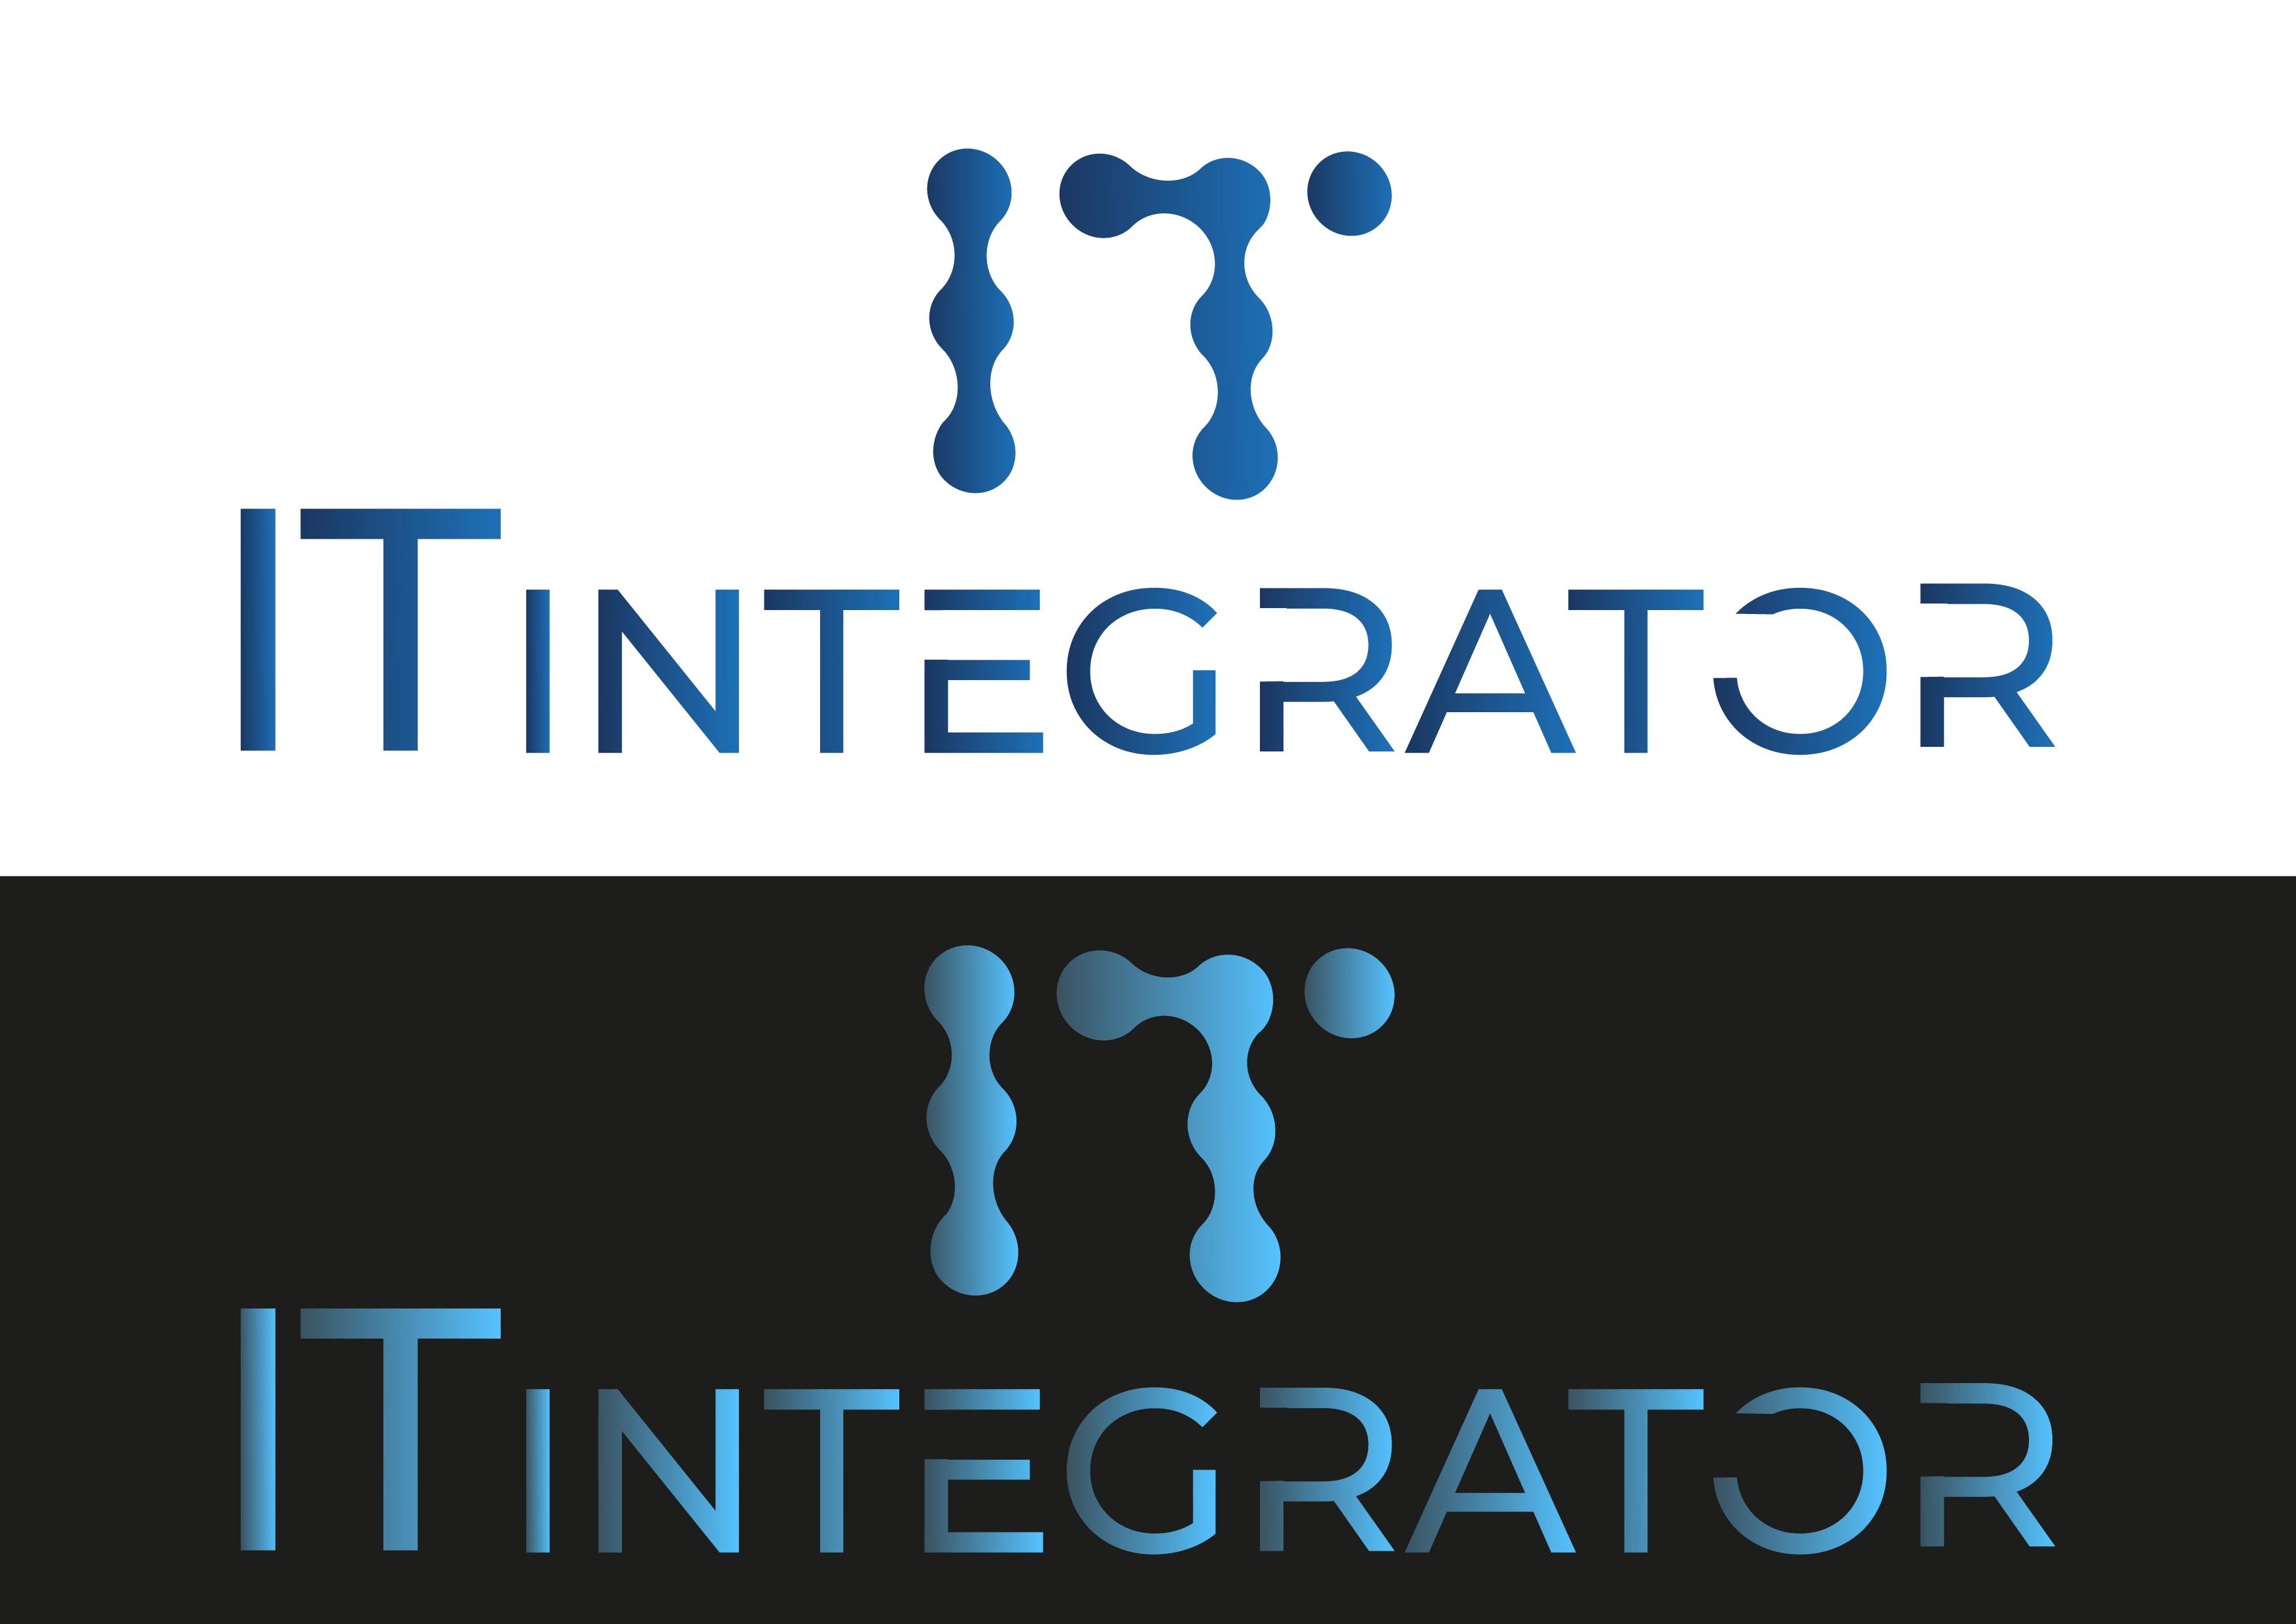 Логотип для IT интегратора фото f_3836149cc9b73a86.jpg